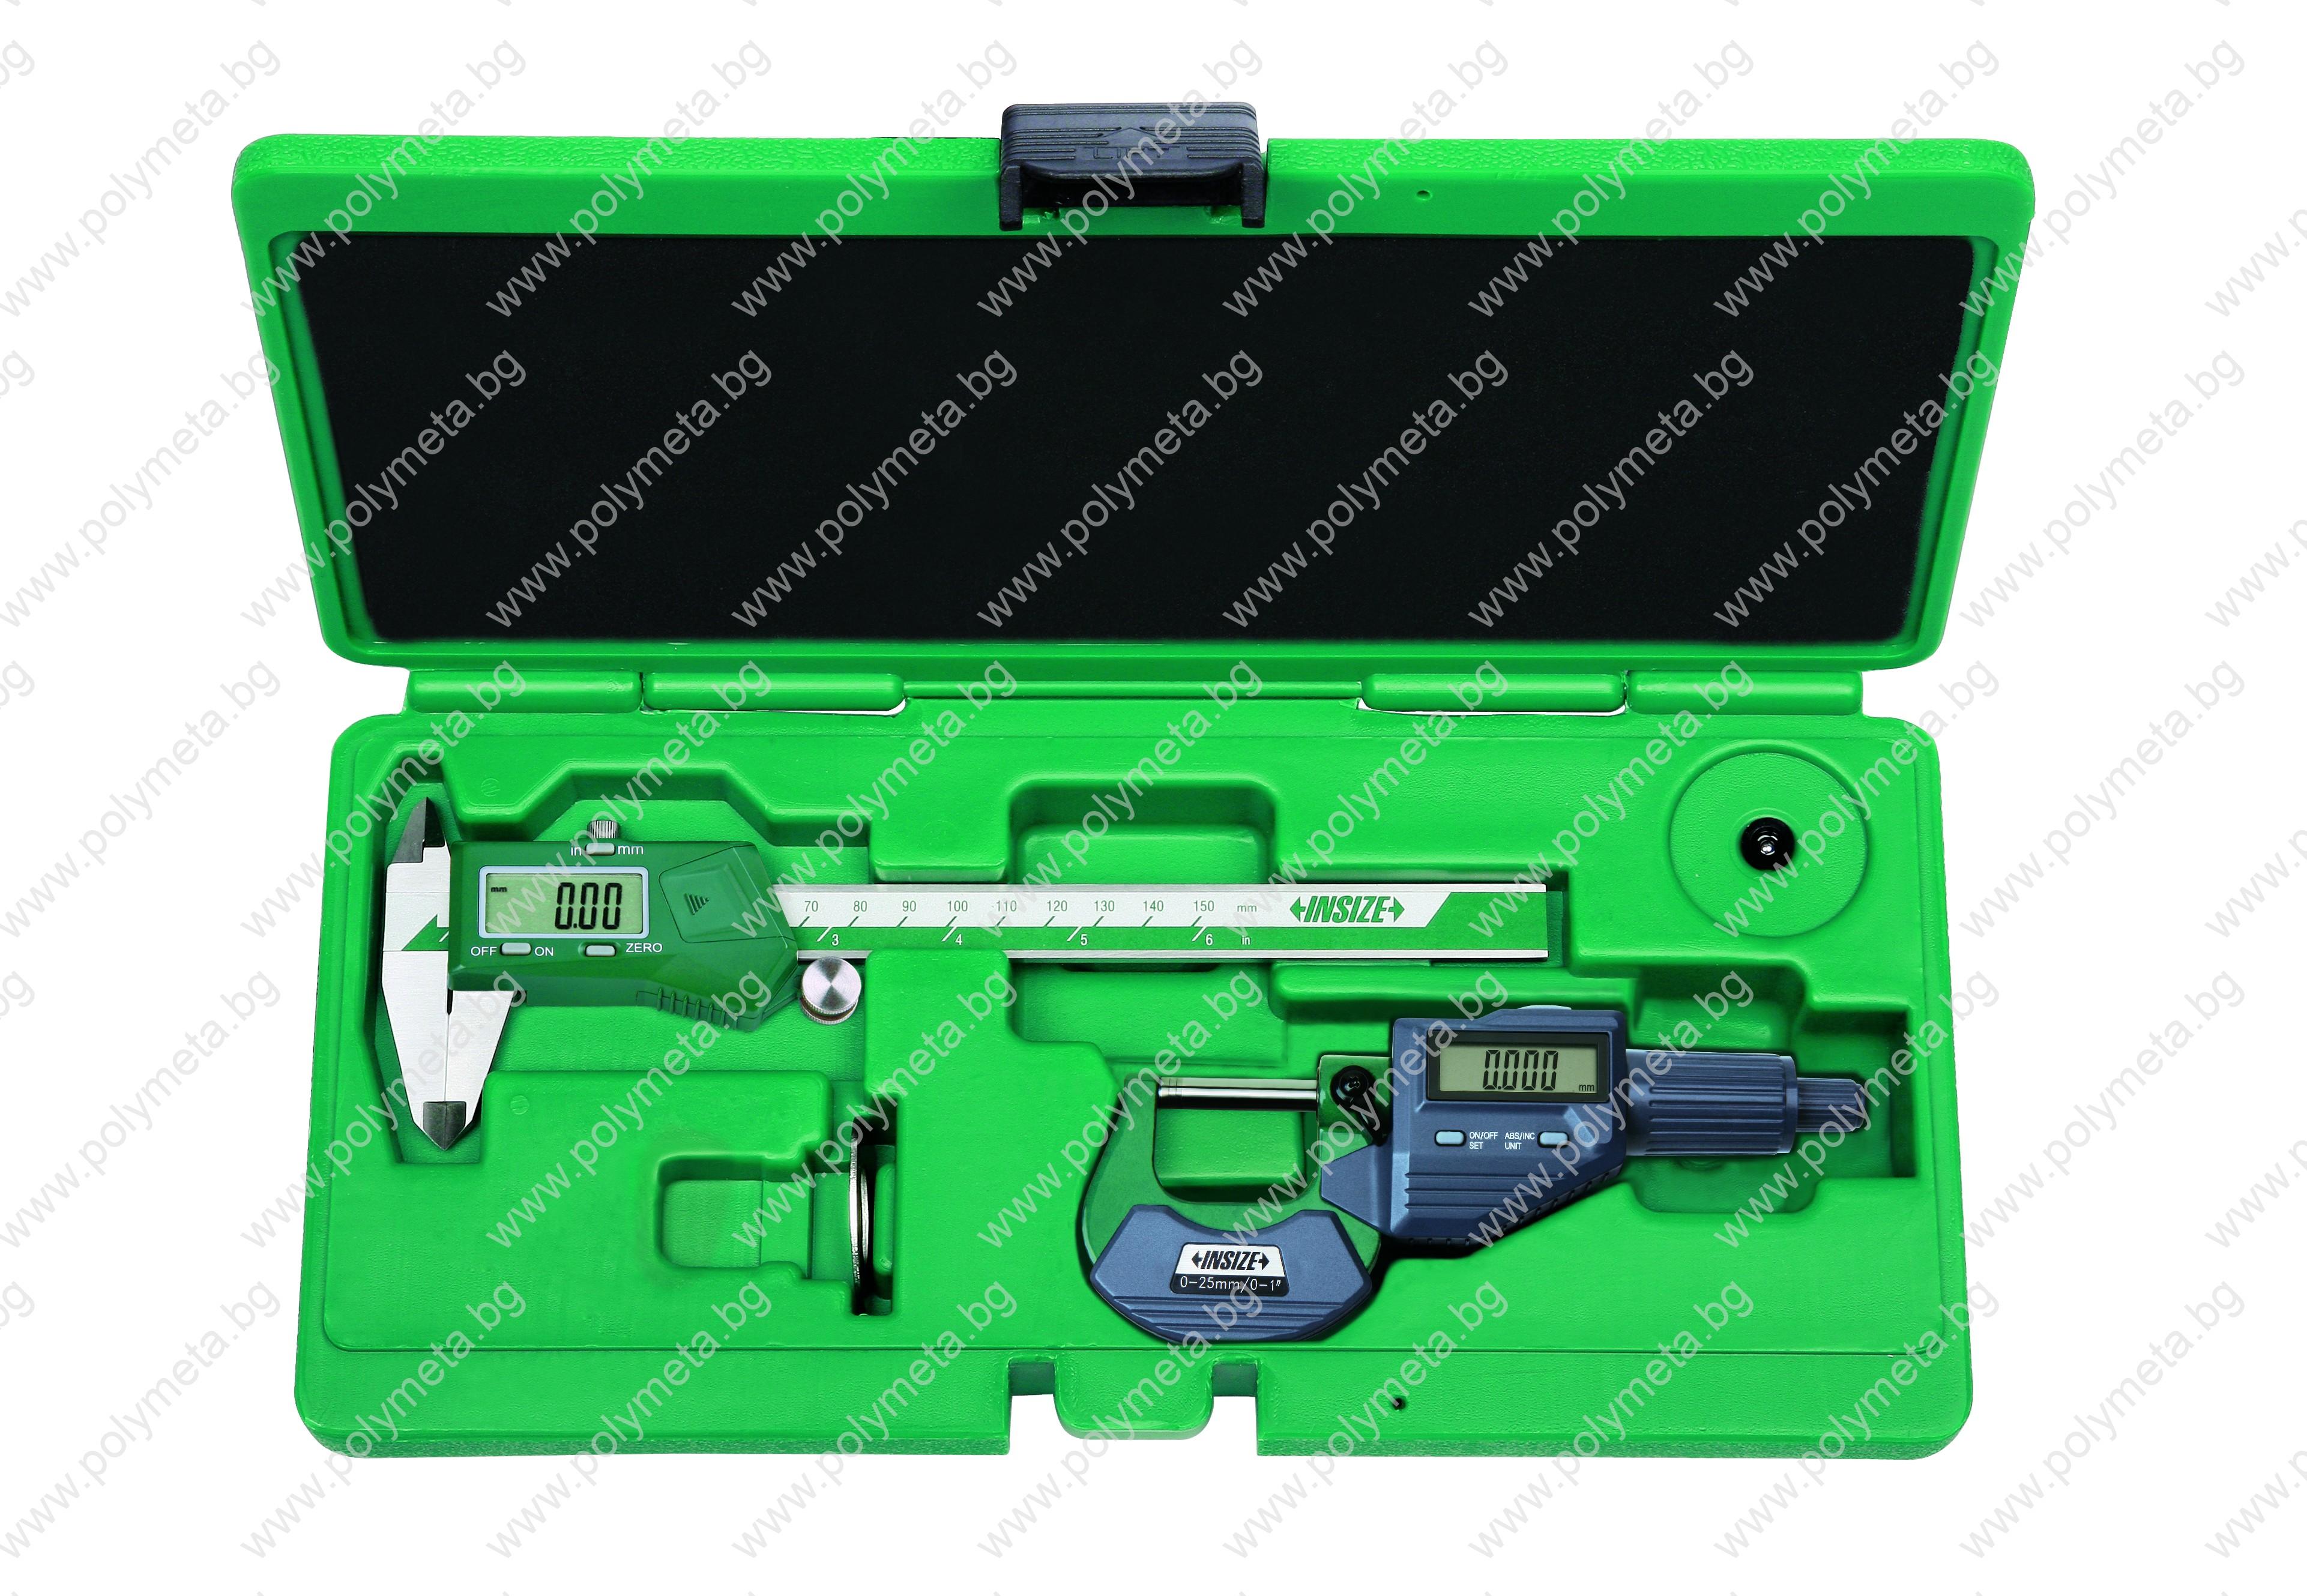 Комплект 2 броя електронни мерителни инструменти